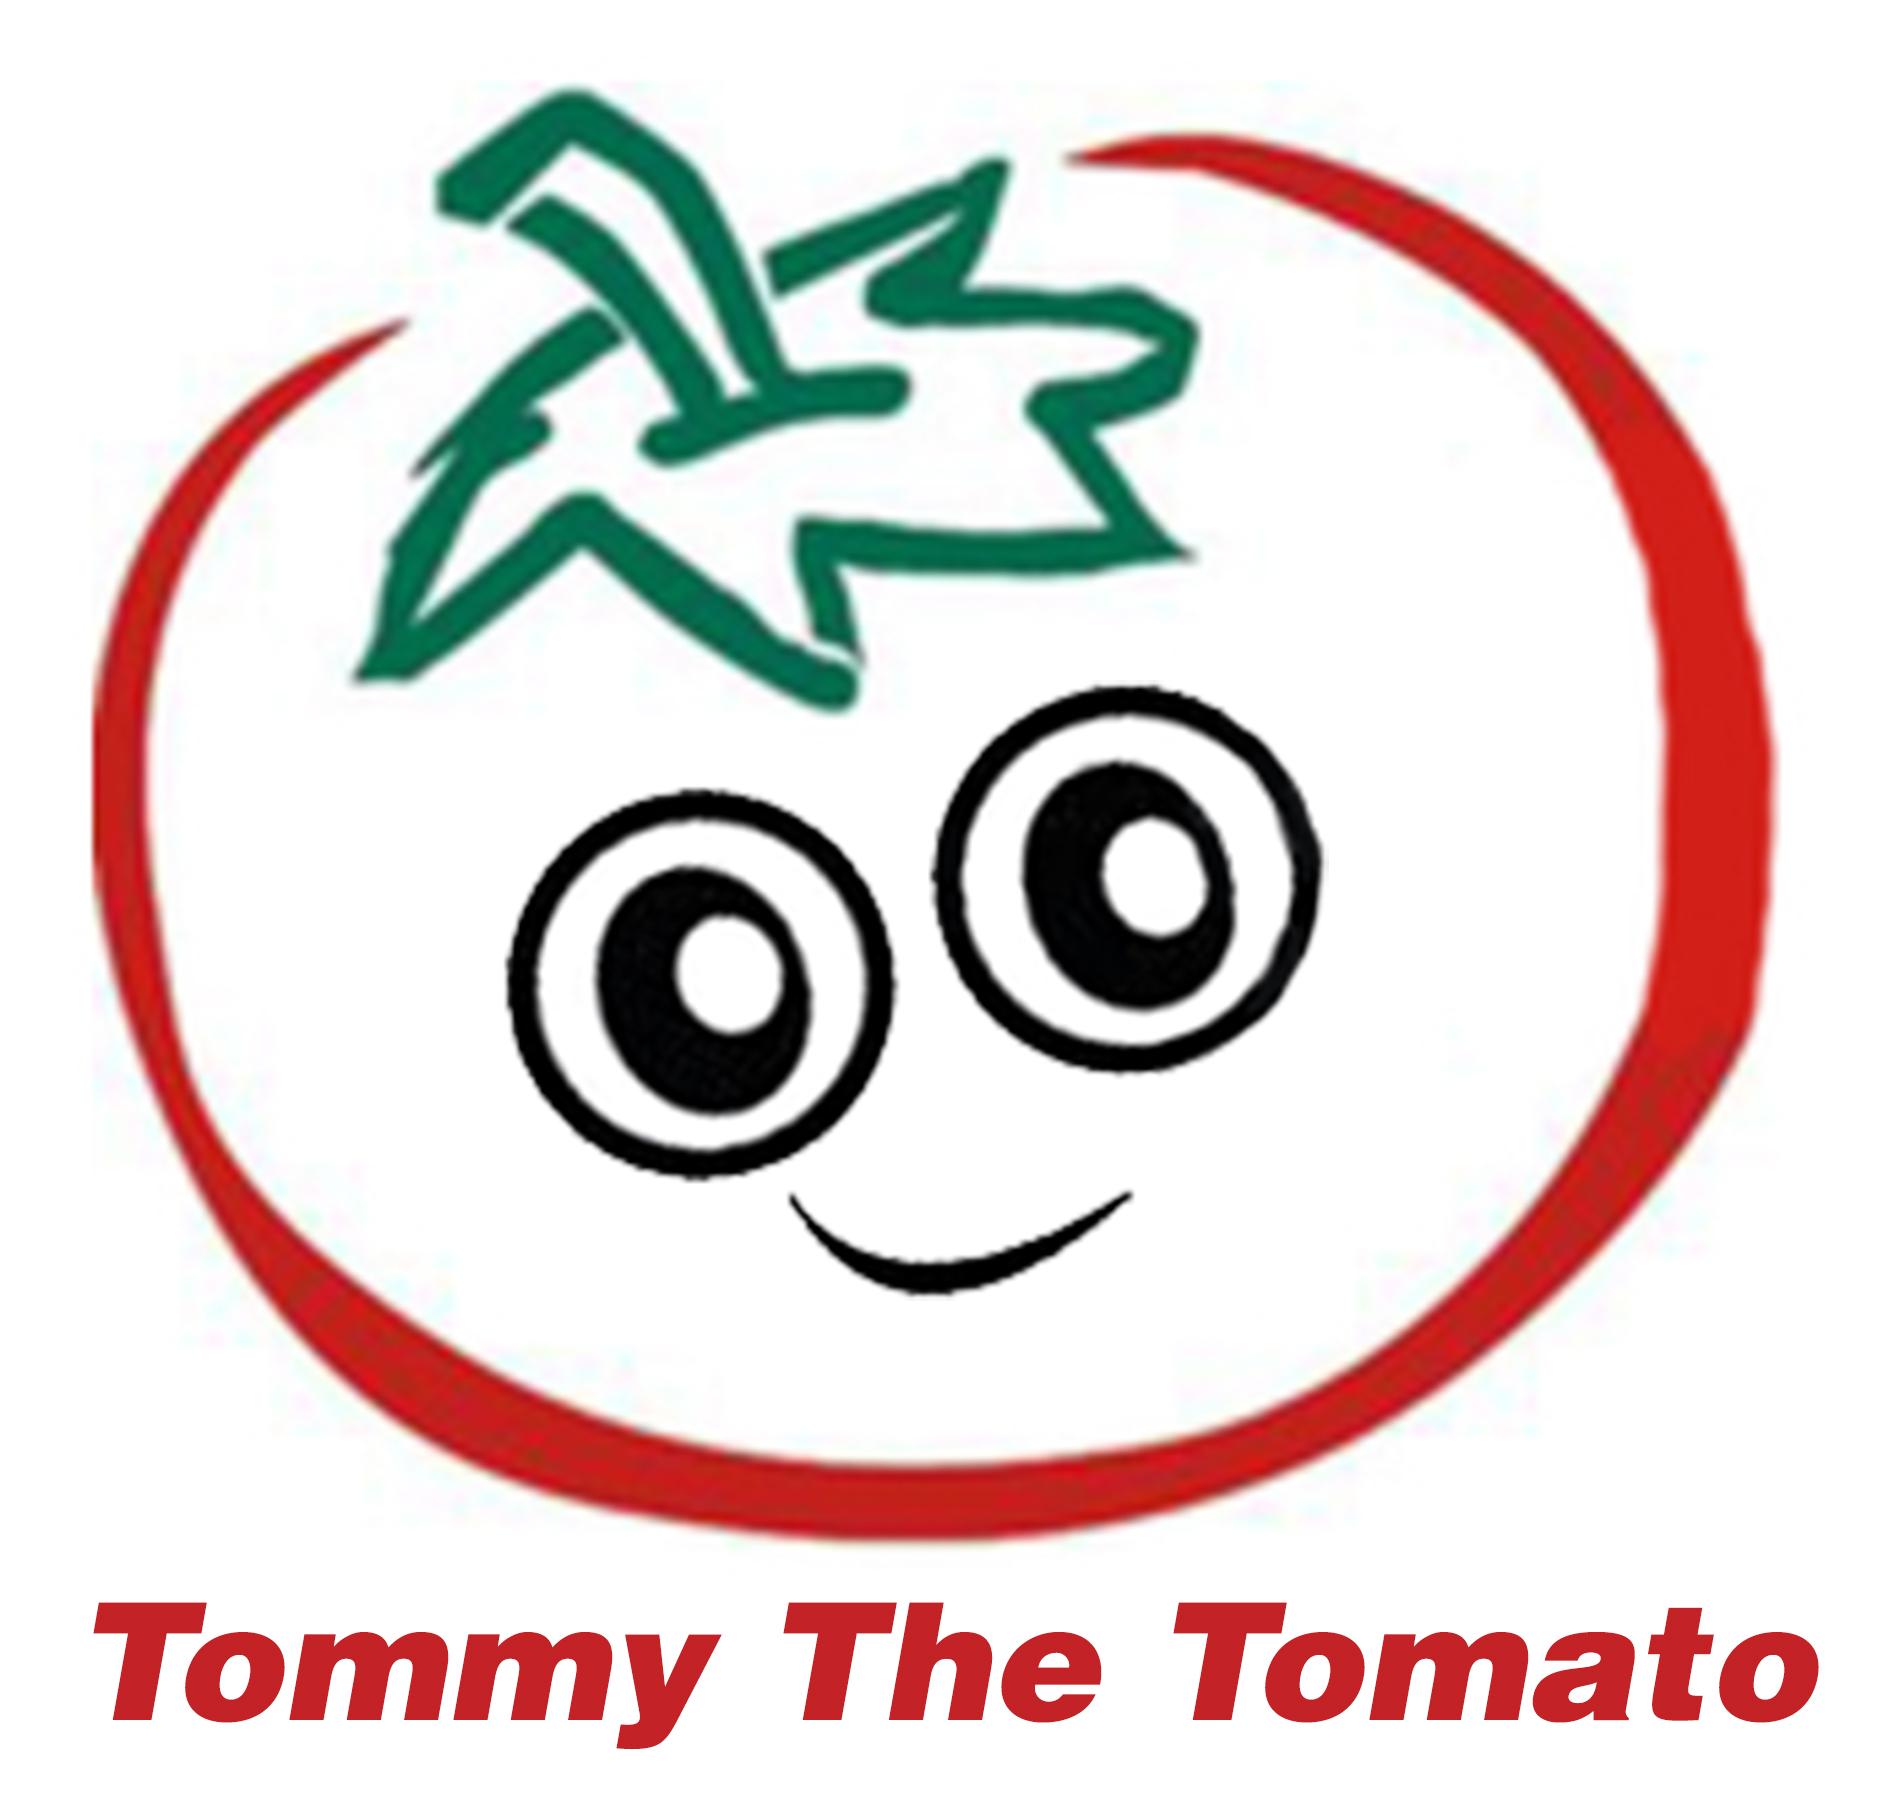 tommy-the-tomato-logo.jpg